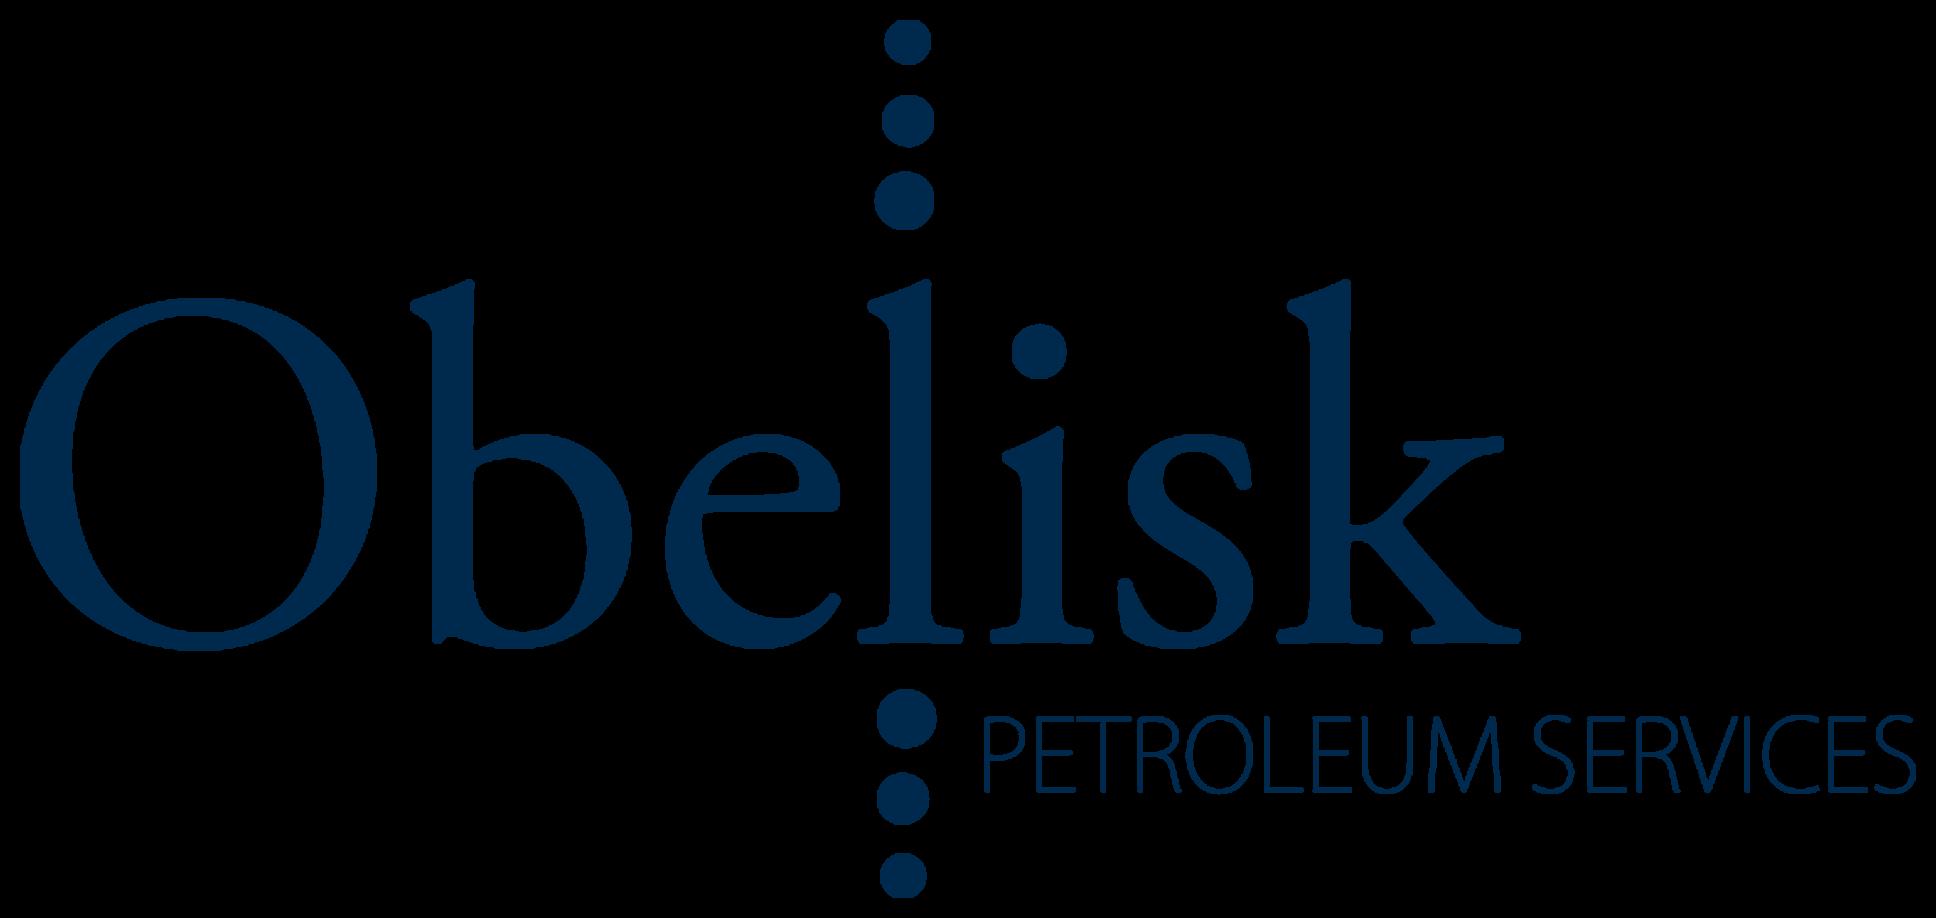 Obelisk Petroleum Services